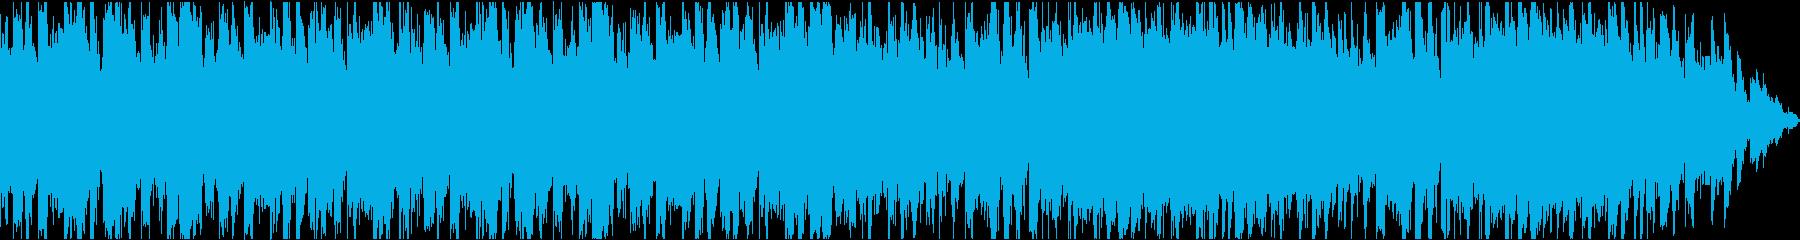 不思議な、少しコミカルなBGMの再生済みの波形